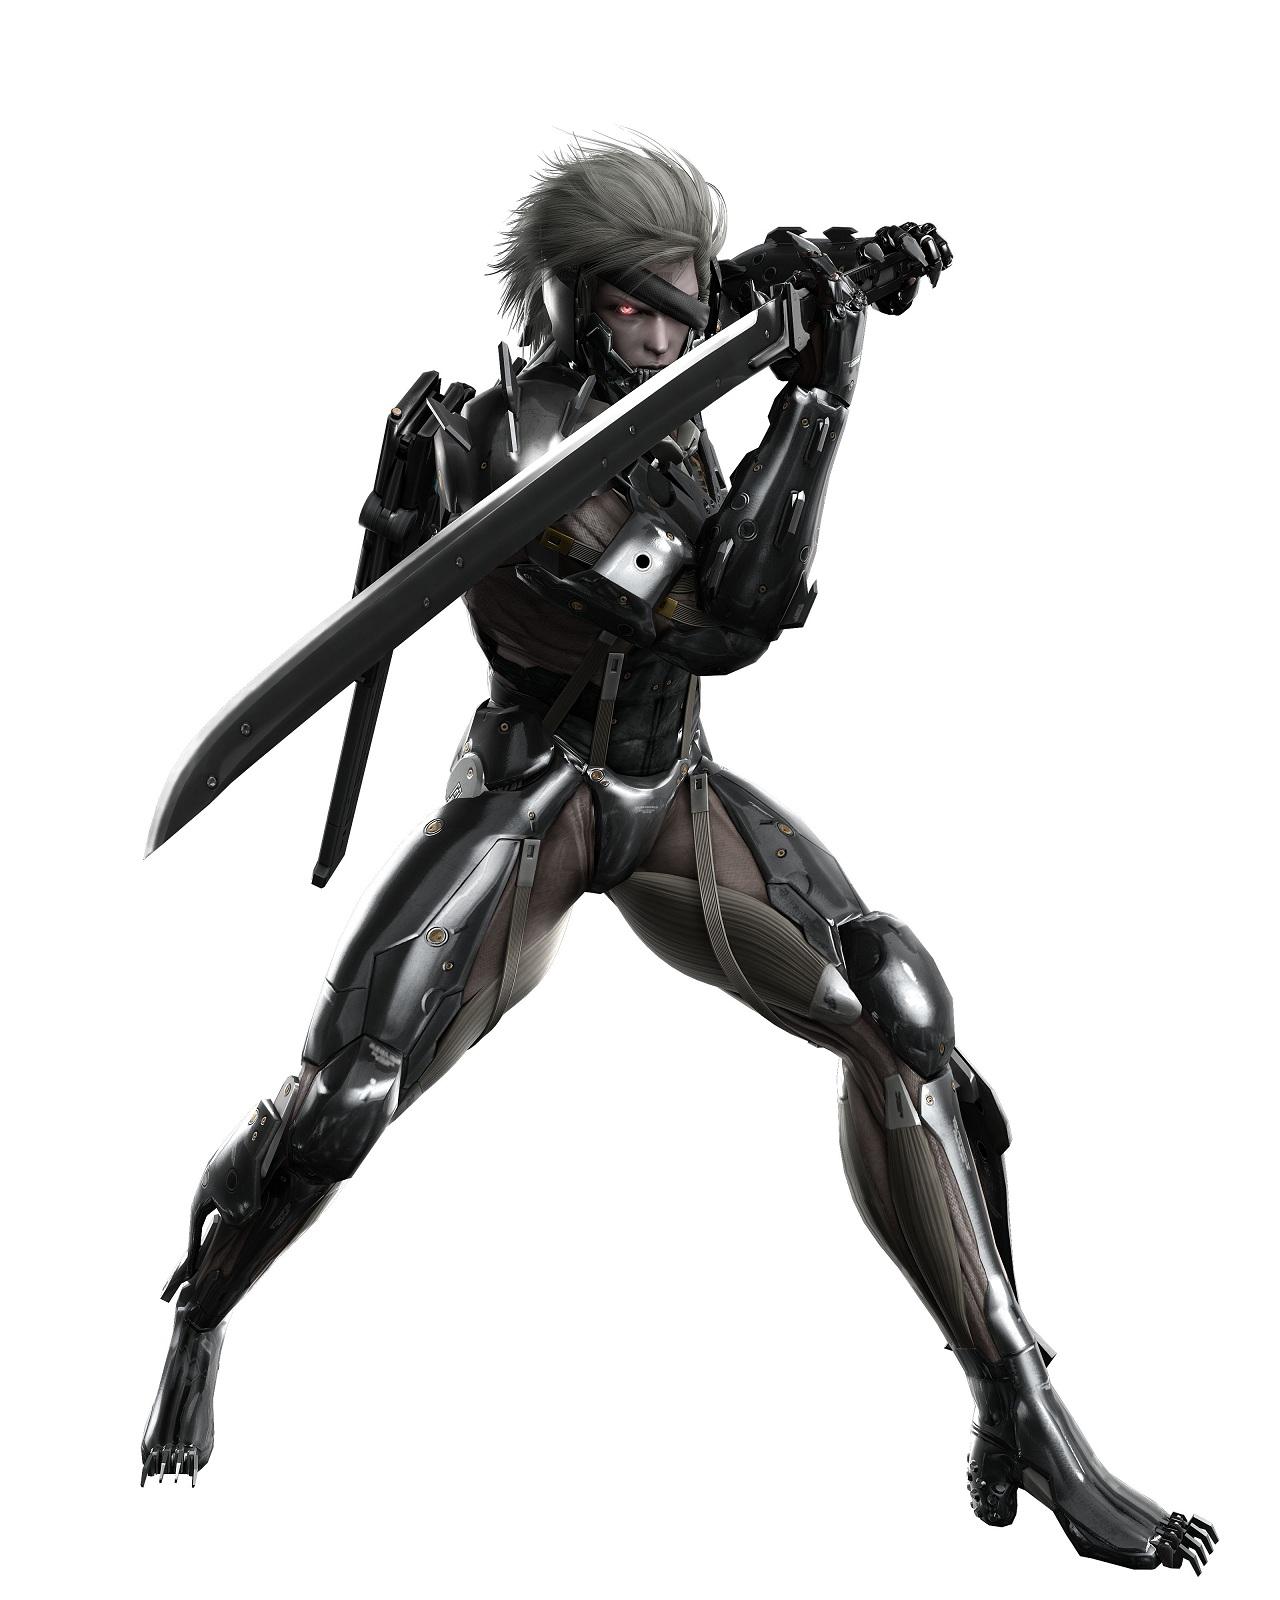 MGRR - Raiden